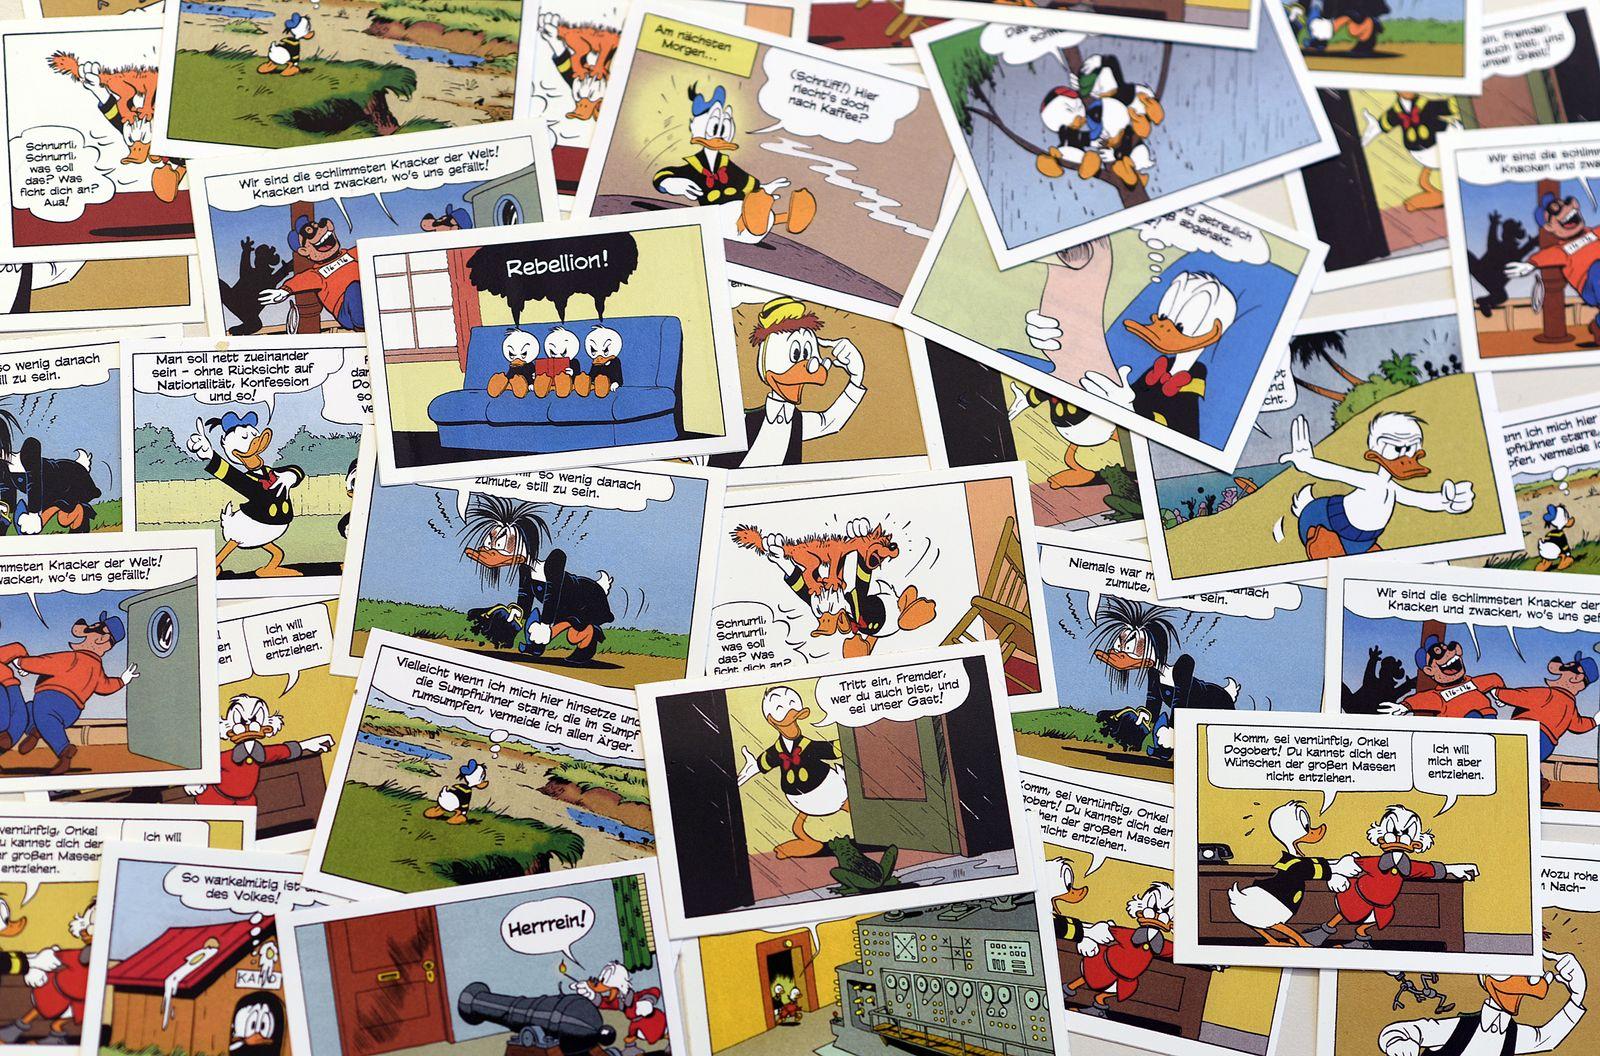 Netzwelt/ Donald Duck